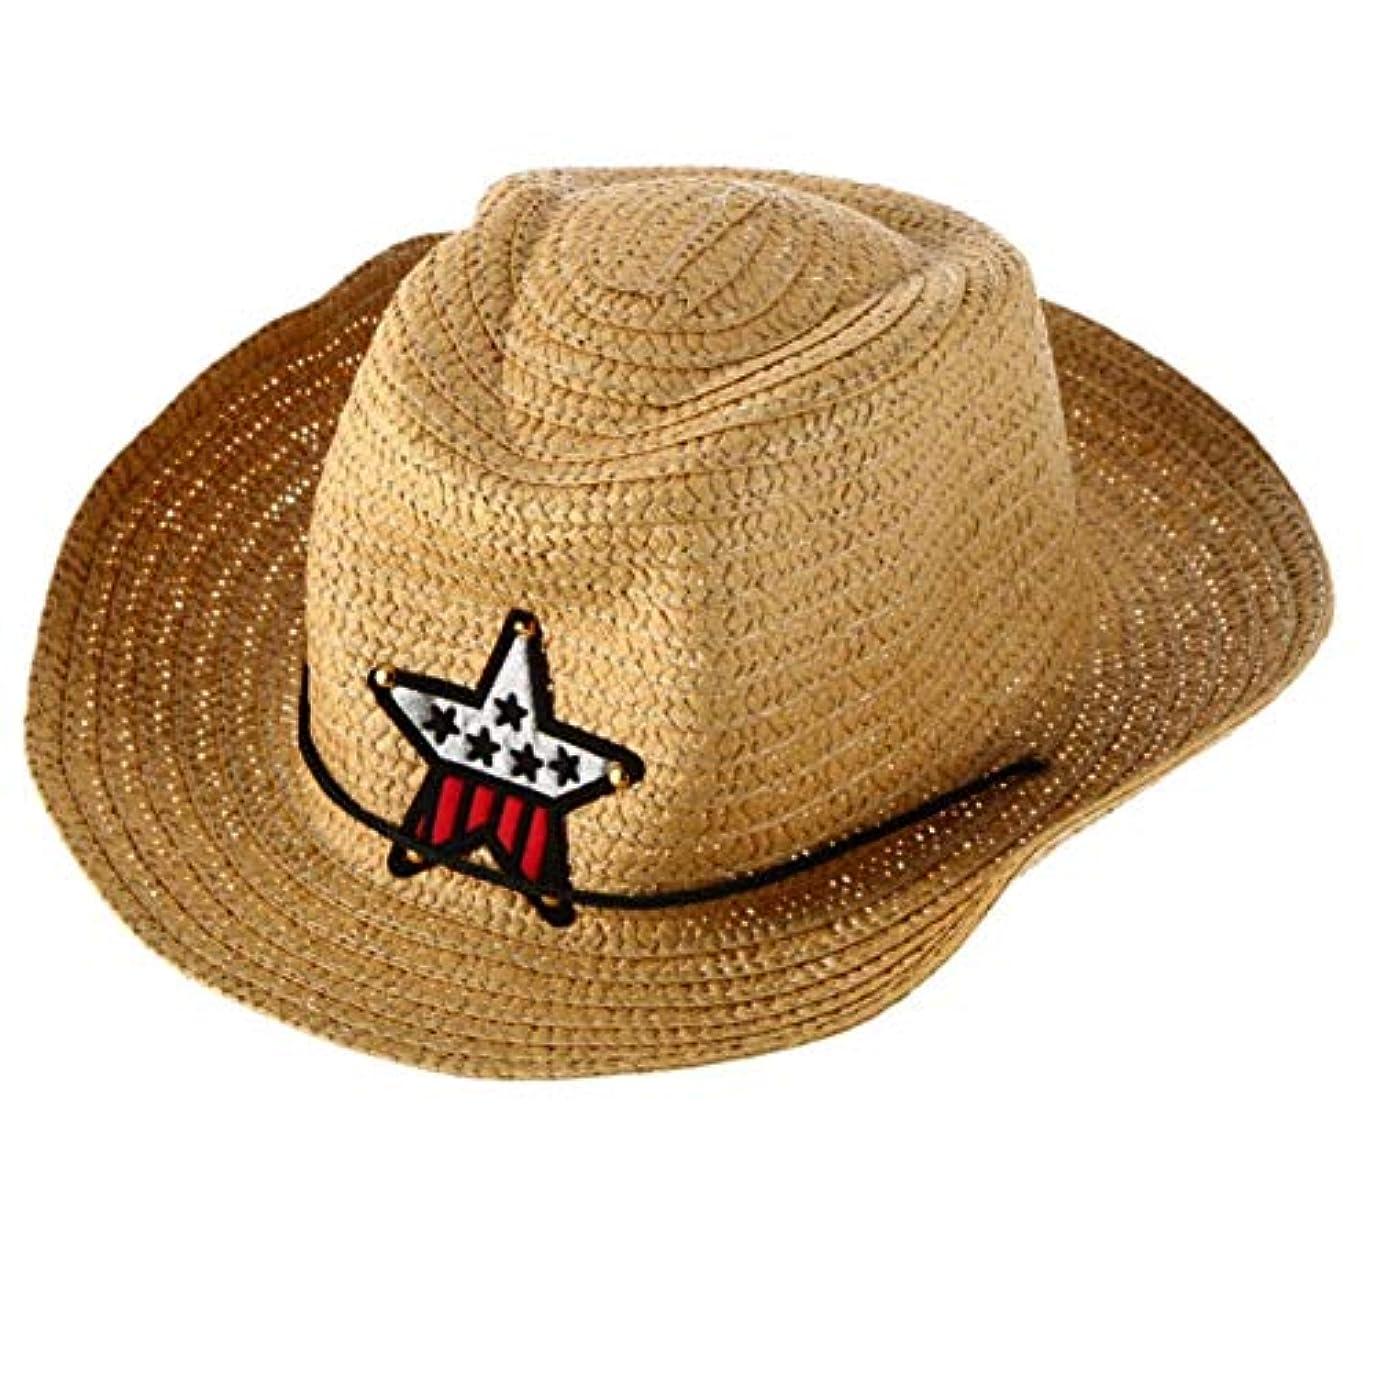 エジプトリスキーなパーフェルビッドDeeploveUU スタイリッシュな子供子供西部のカウボーイわら日帽子防風キャップ夏ビッグワイドつばサンボネット付き星飾り